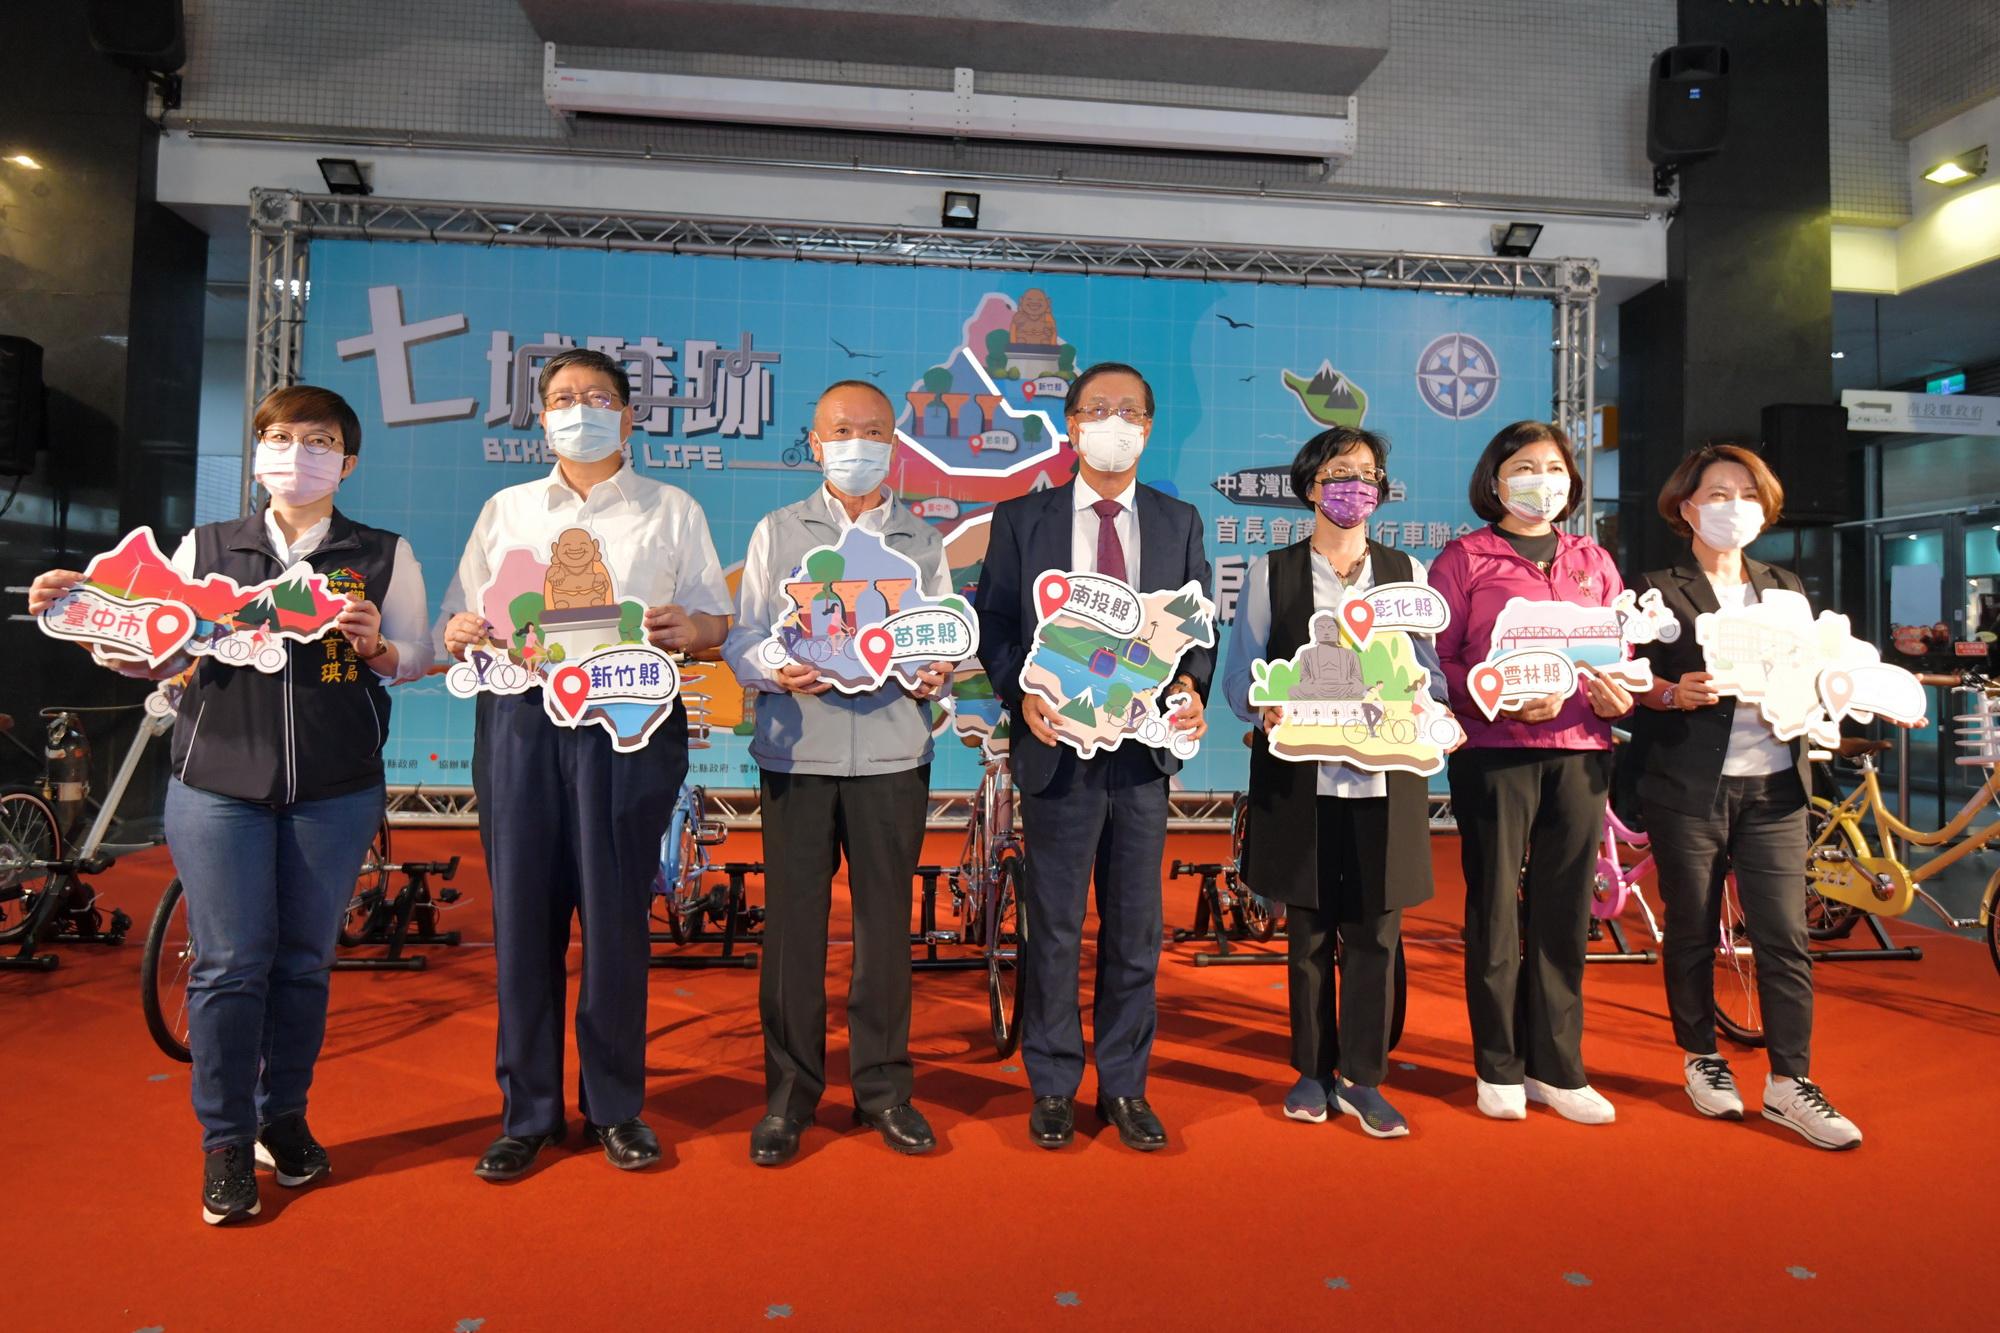 (開新視窗)連至 七縣市聯合展現區域合作 守護健康幸福中臺灣 完整照片